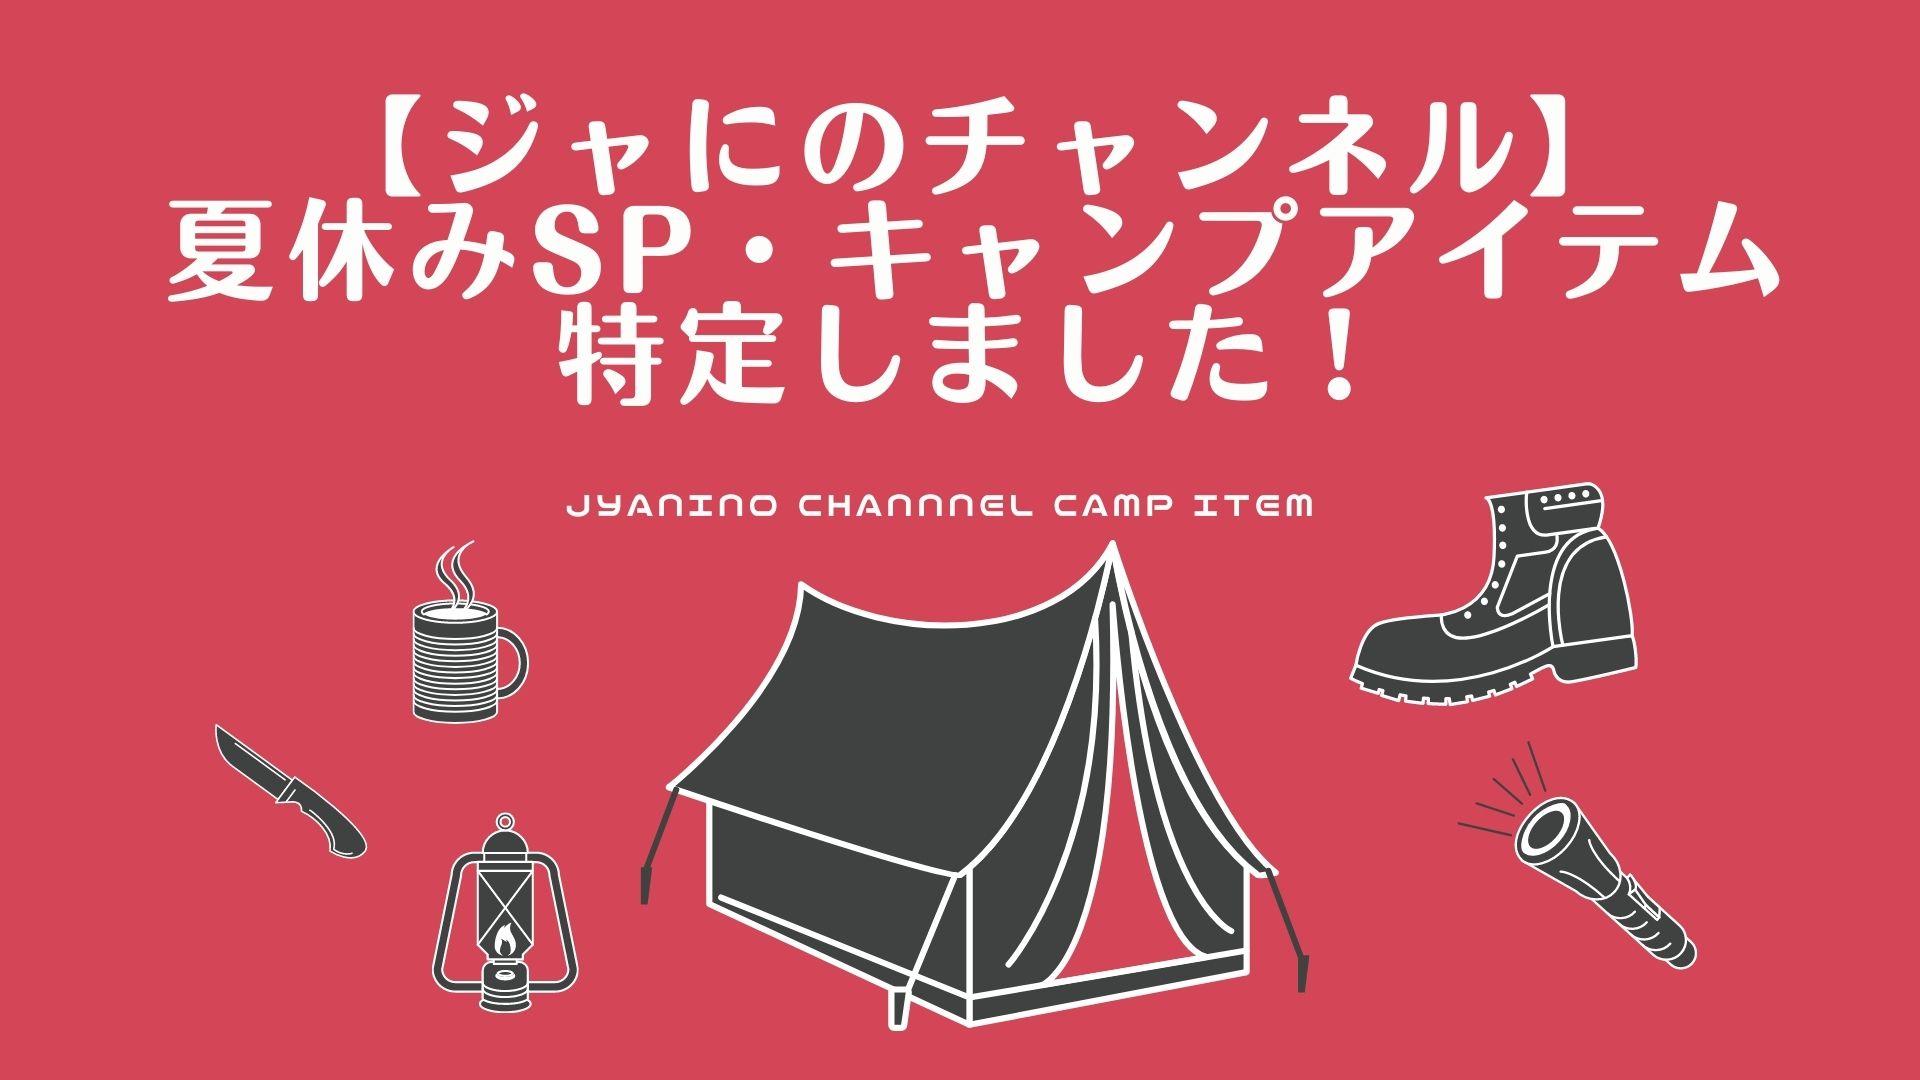 【ジャにのチャンネル】夏休みSP・キャンプアイテム特定しました!